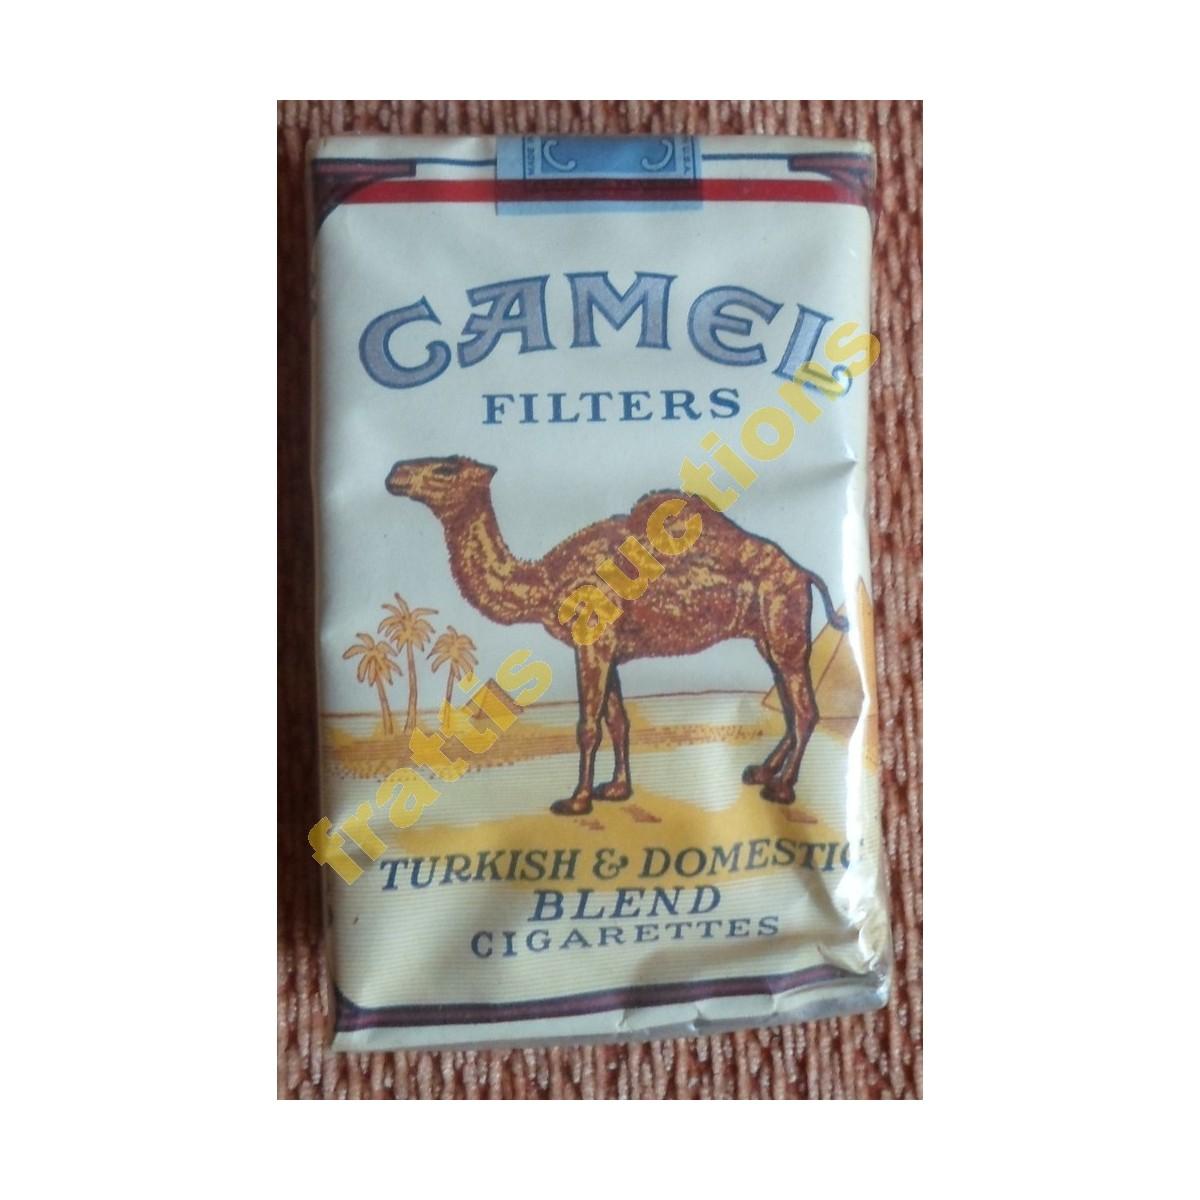 Χάρτινο πακέτο των 20 τσιγάρων CAMEL USA.